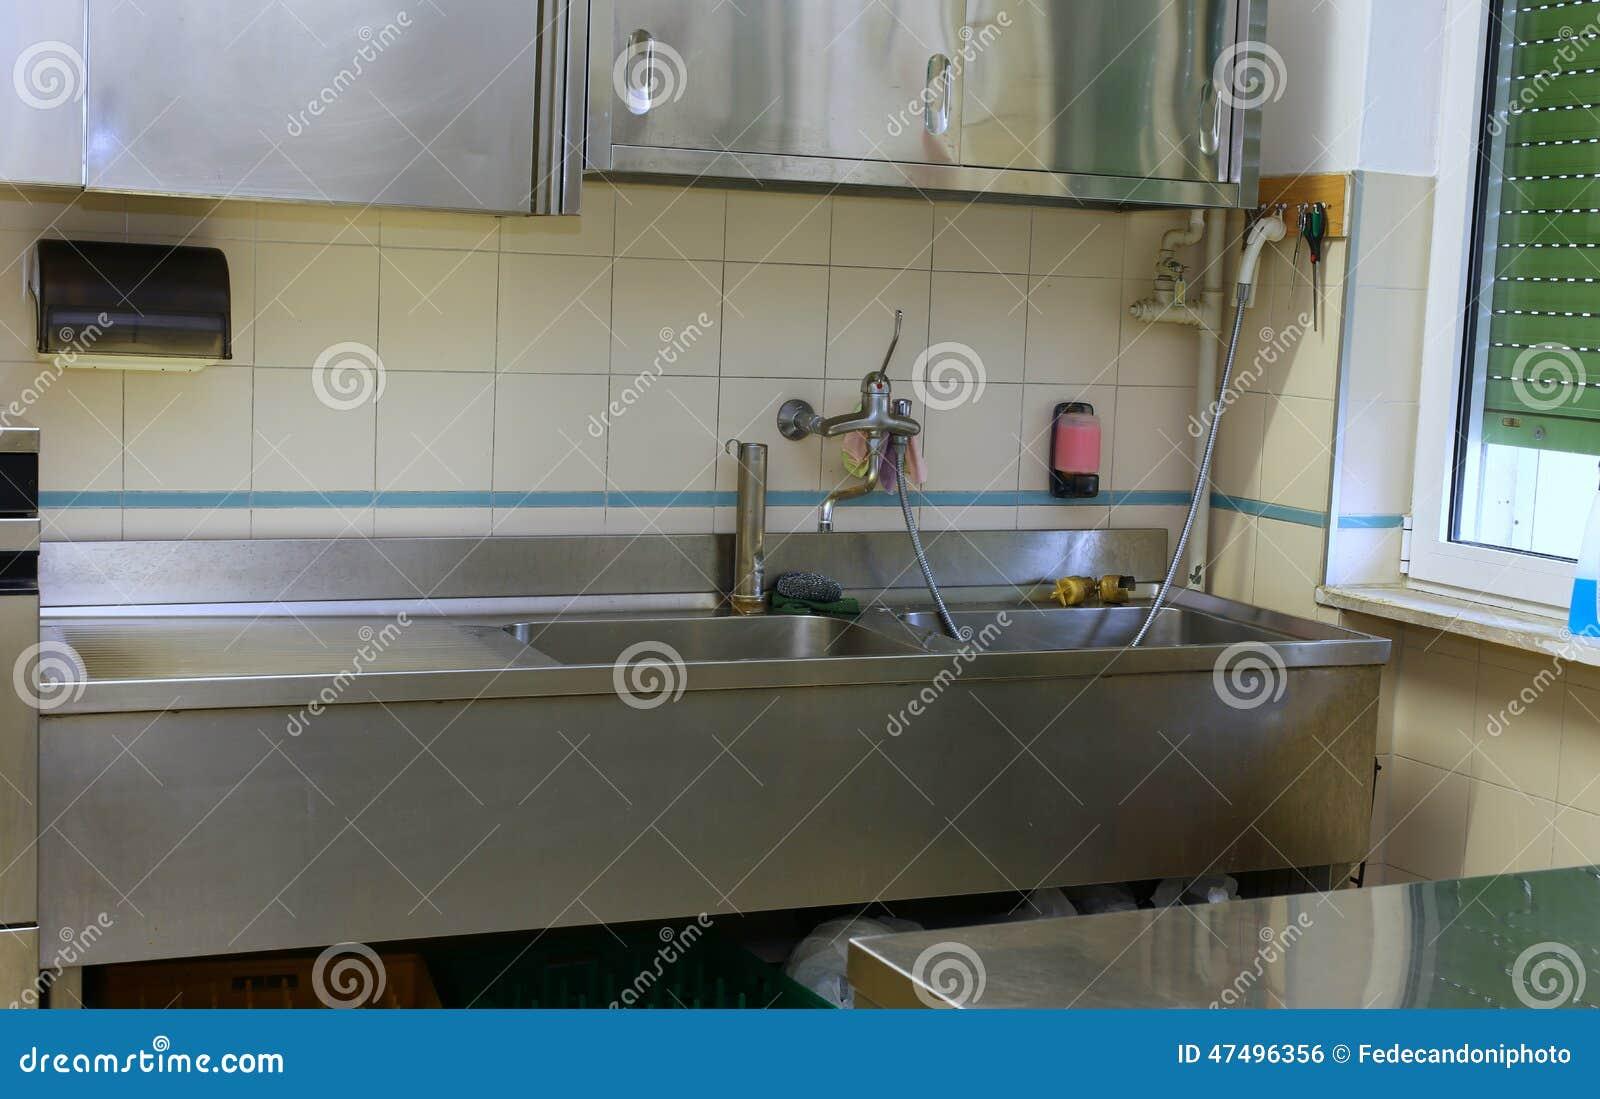 Werhahn Niederdruck Küche | Kuche Schule Die Raumliche Gestaltung Und Kreativer Mobelbau Fur